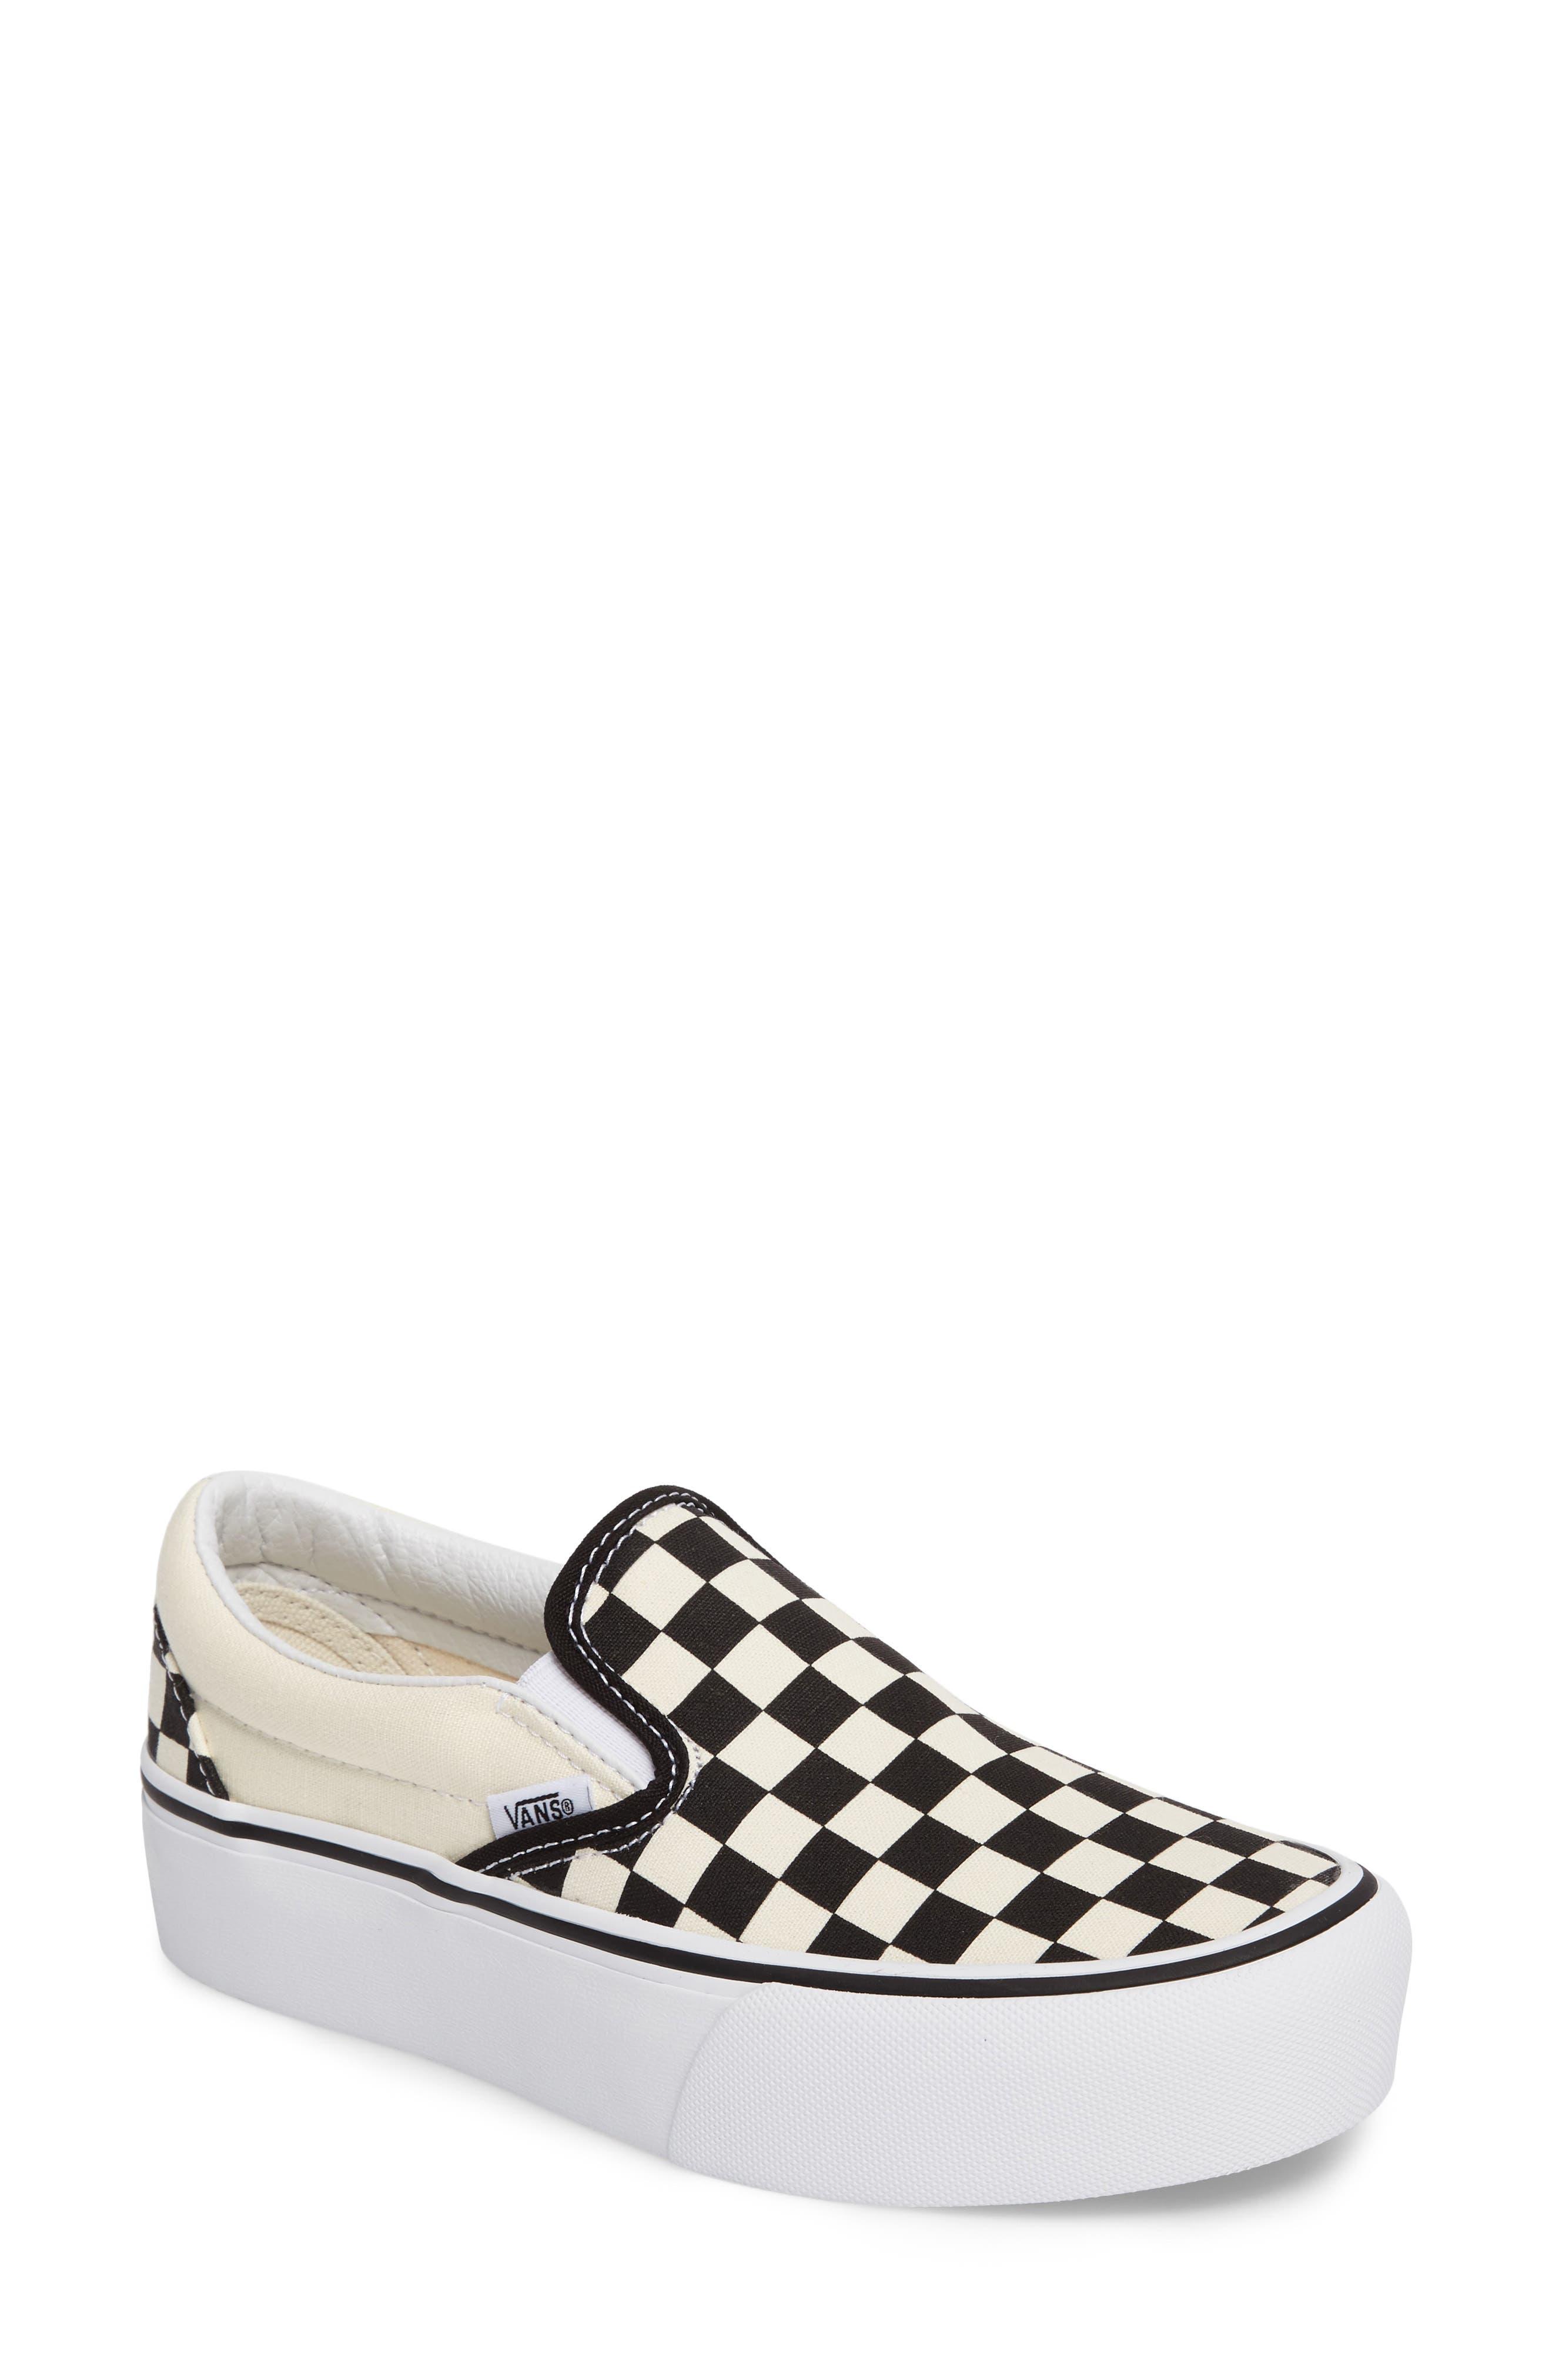 Platform Slip-On Sneaker,                             Main thumbnail 1, color,                             Black/ Black/ White